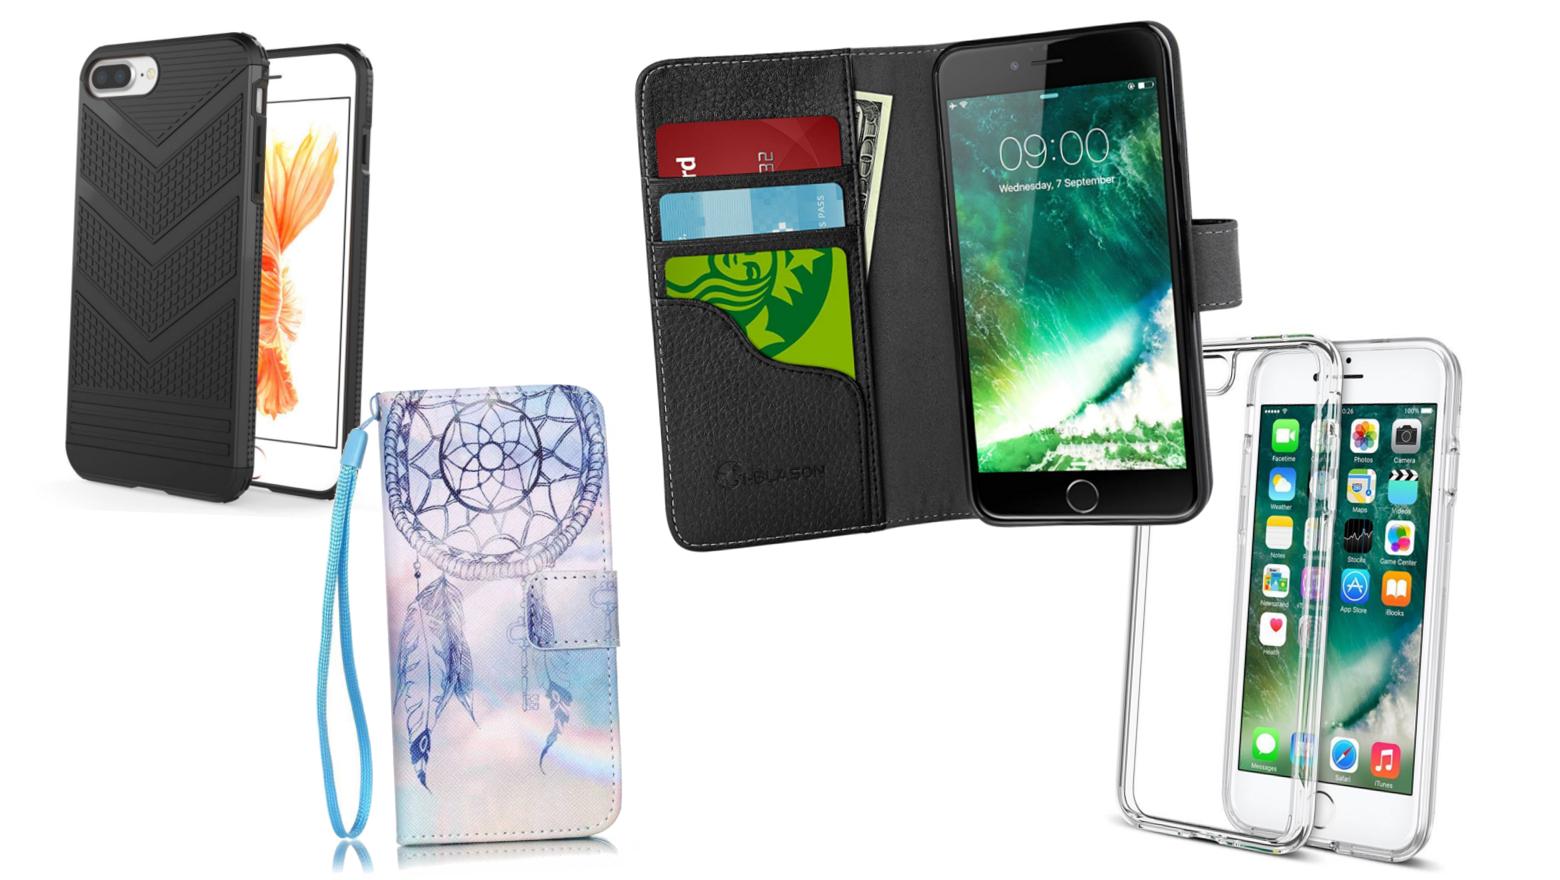 iphone 7 plus, iphone 7 release, iphone 7 plus cases, best iphone 7 plus cases, cool iphone 7 plus cases, iphone 7 plus wallet case, iphone 7 plus waterproof case, iphone 7 plus rugged case